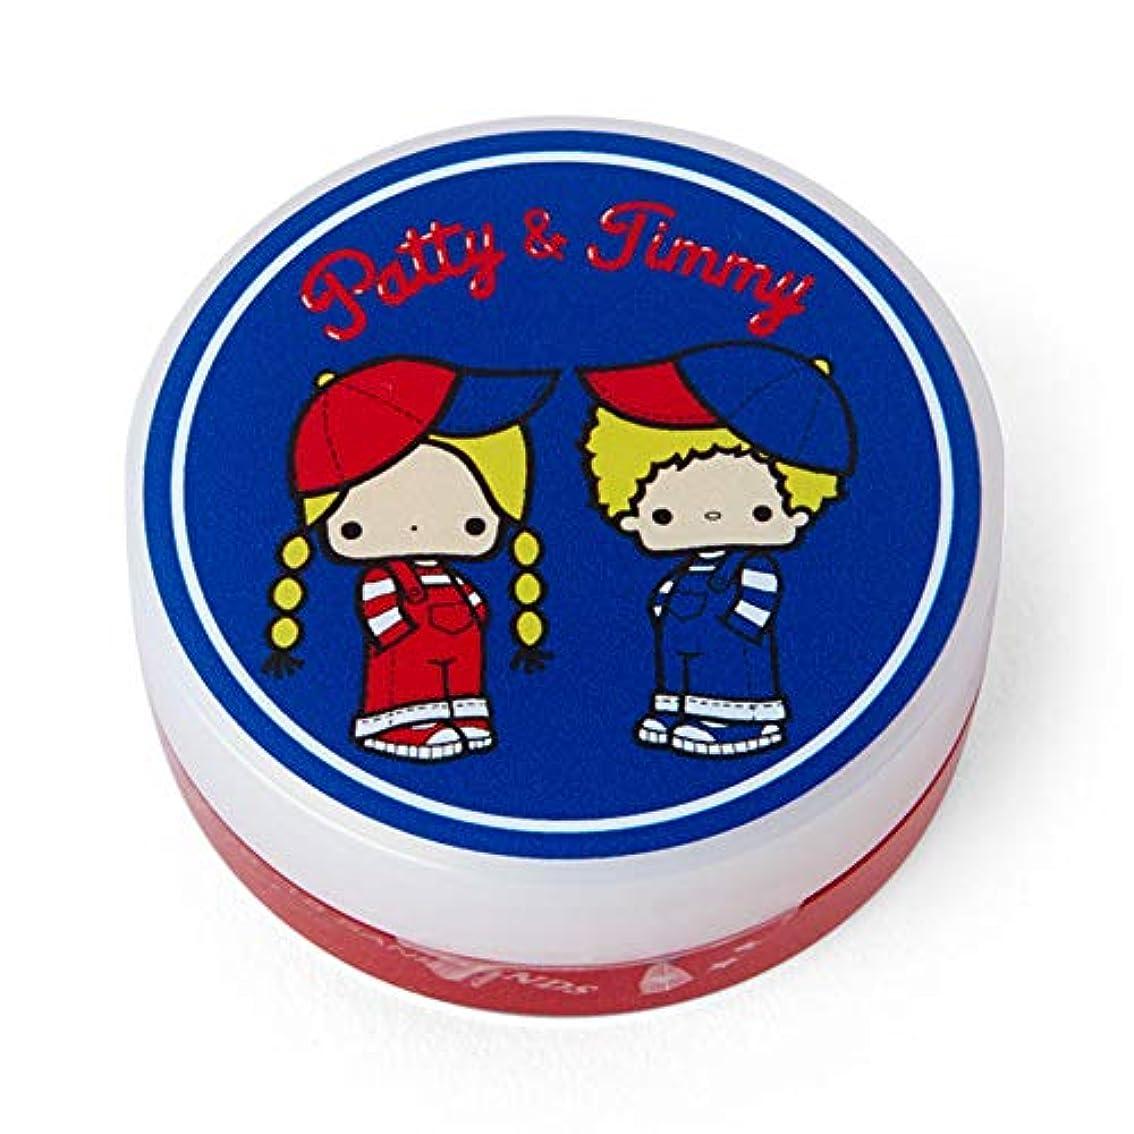 あそこビザ描くパティー&ジミー フルプルクリーム